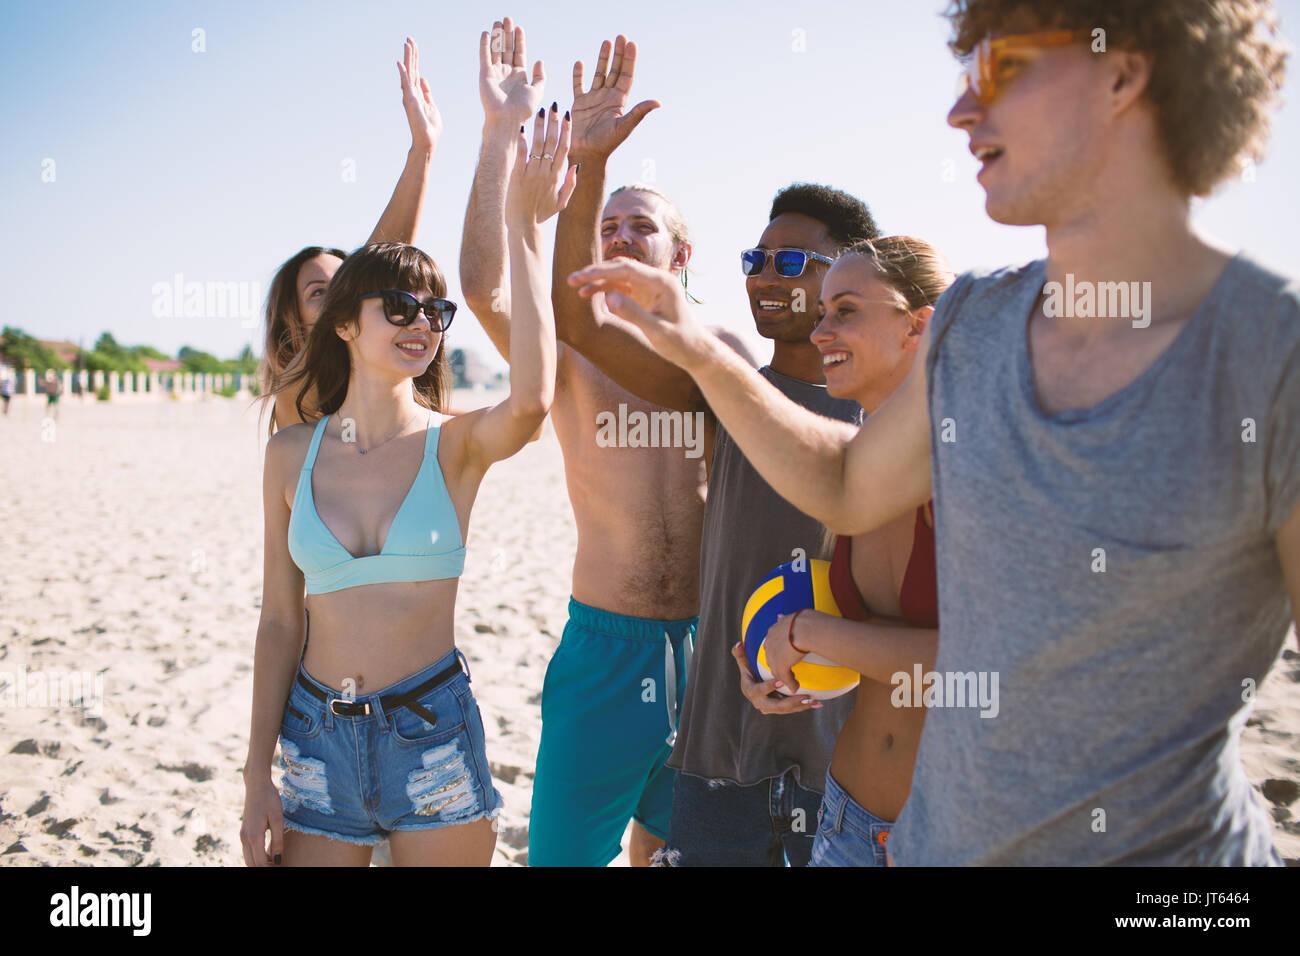 Groupe d'amis jouant au beach-volley sur la plage Photo Stock